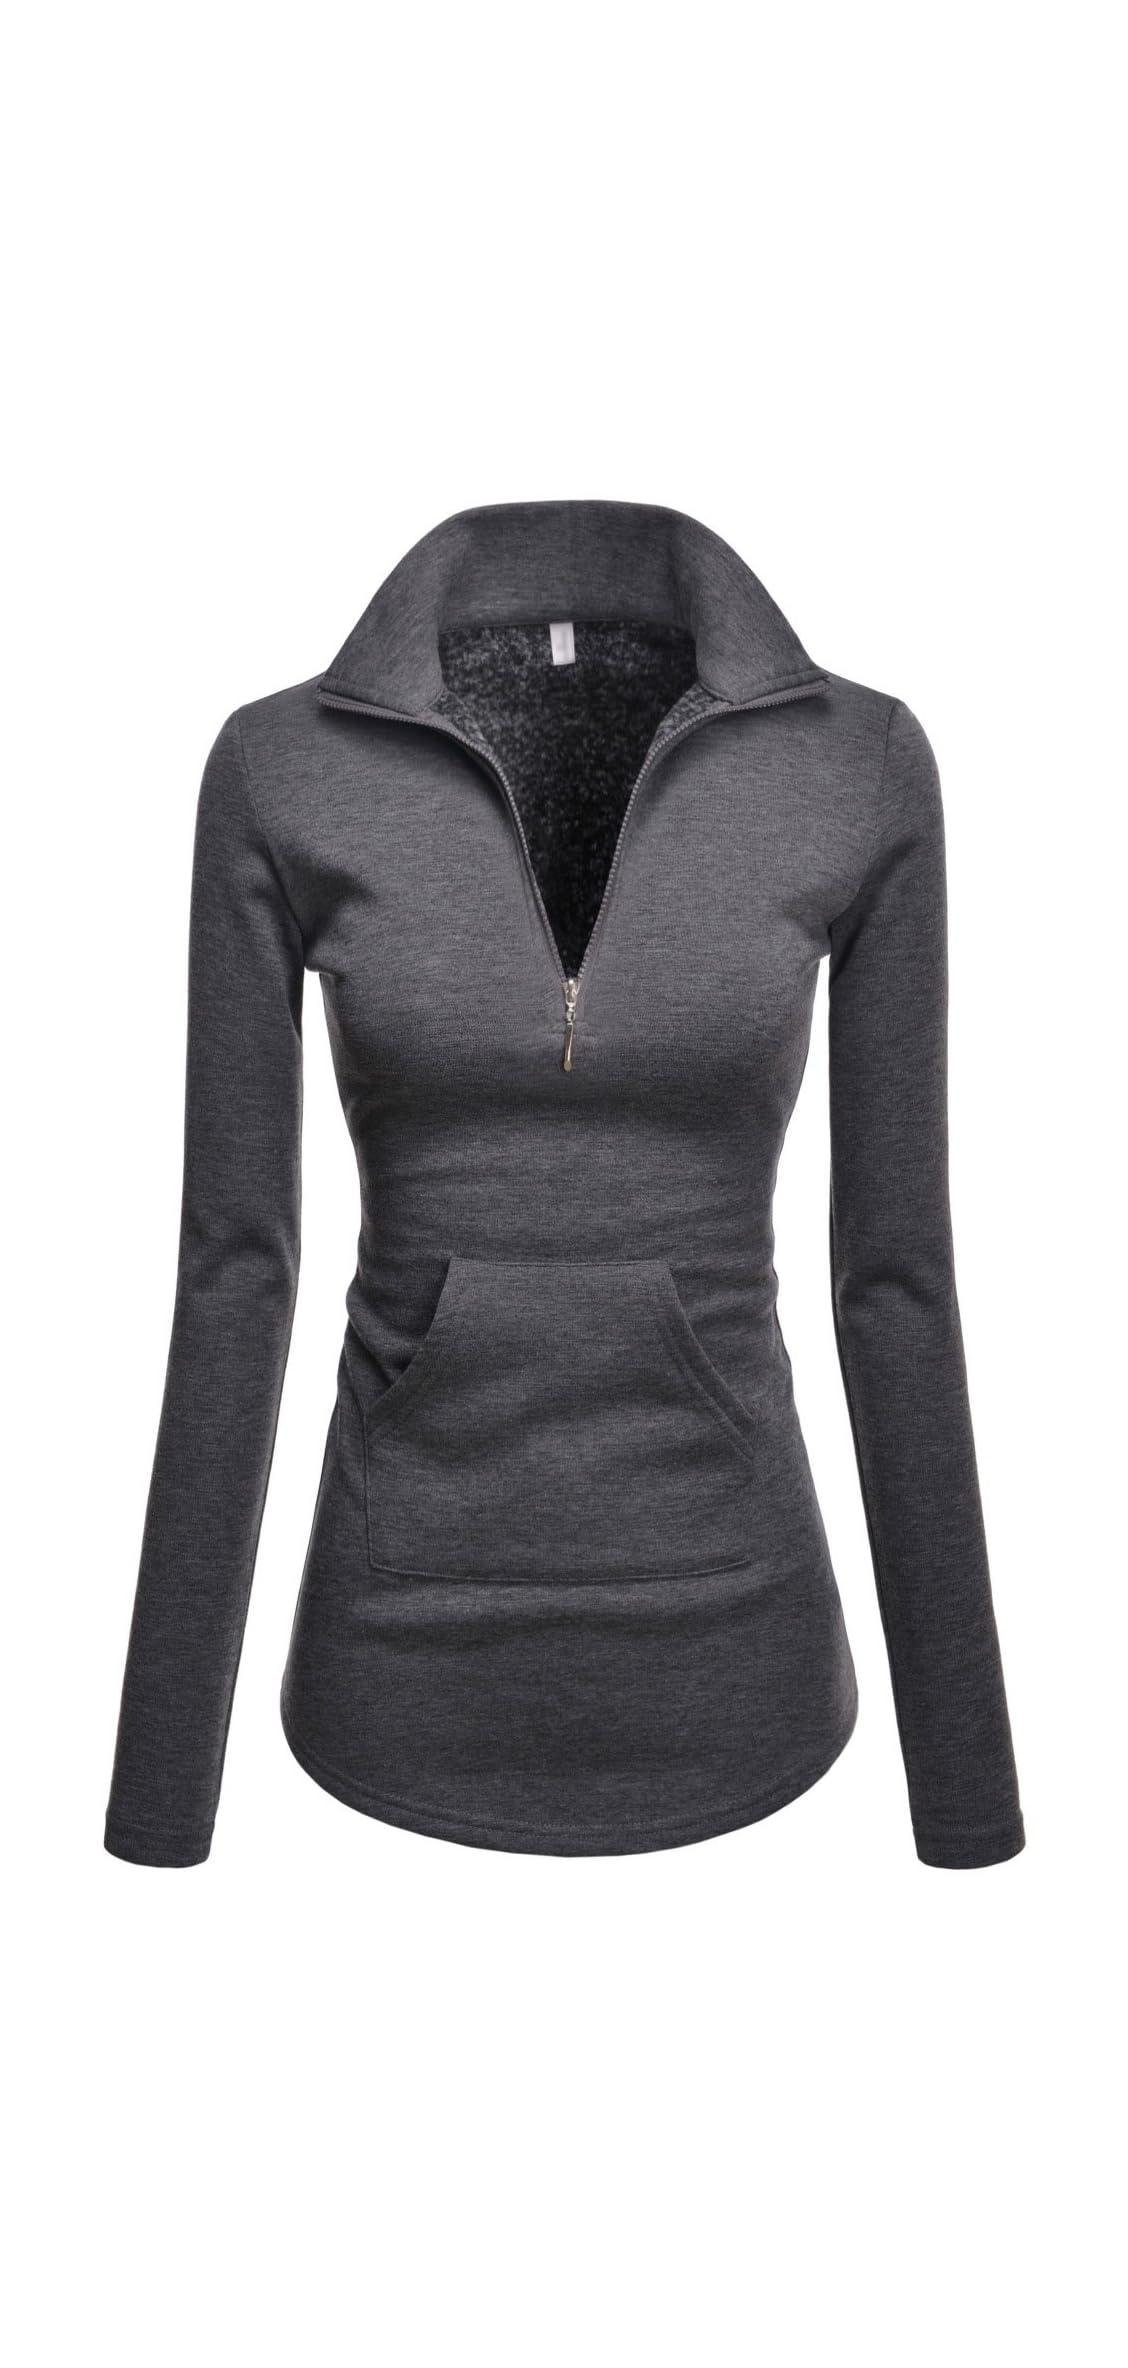 Women Long Sleeve Turtleneck Pullover Zip Active T Shirt